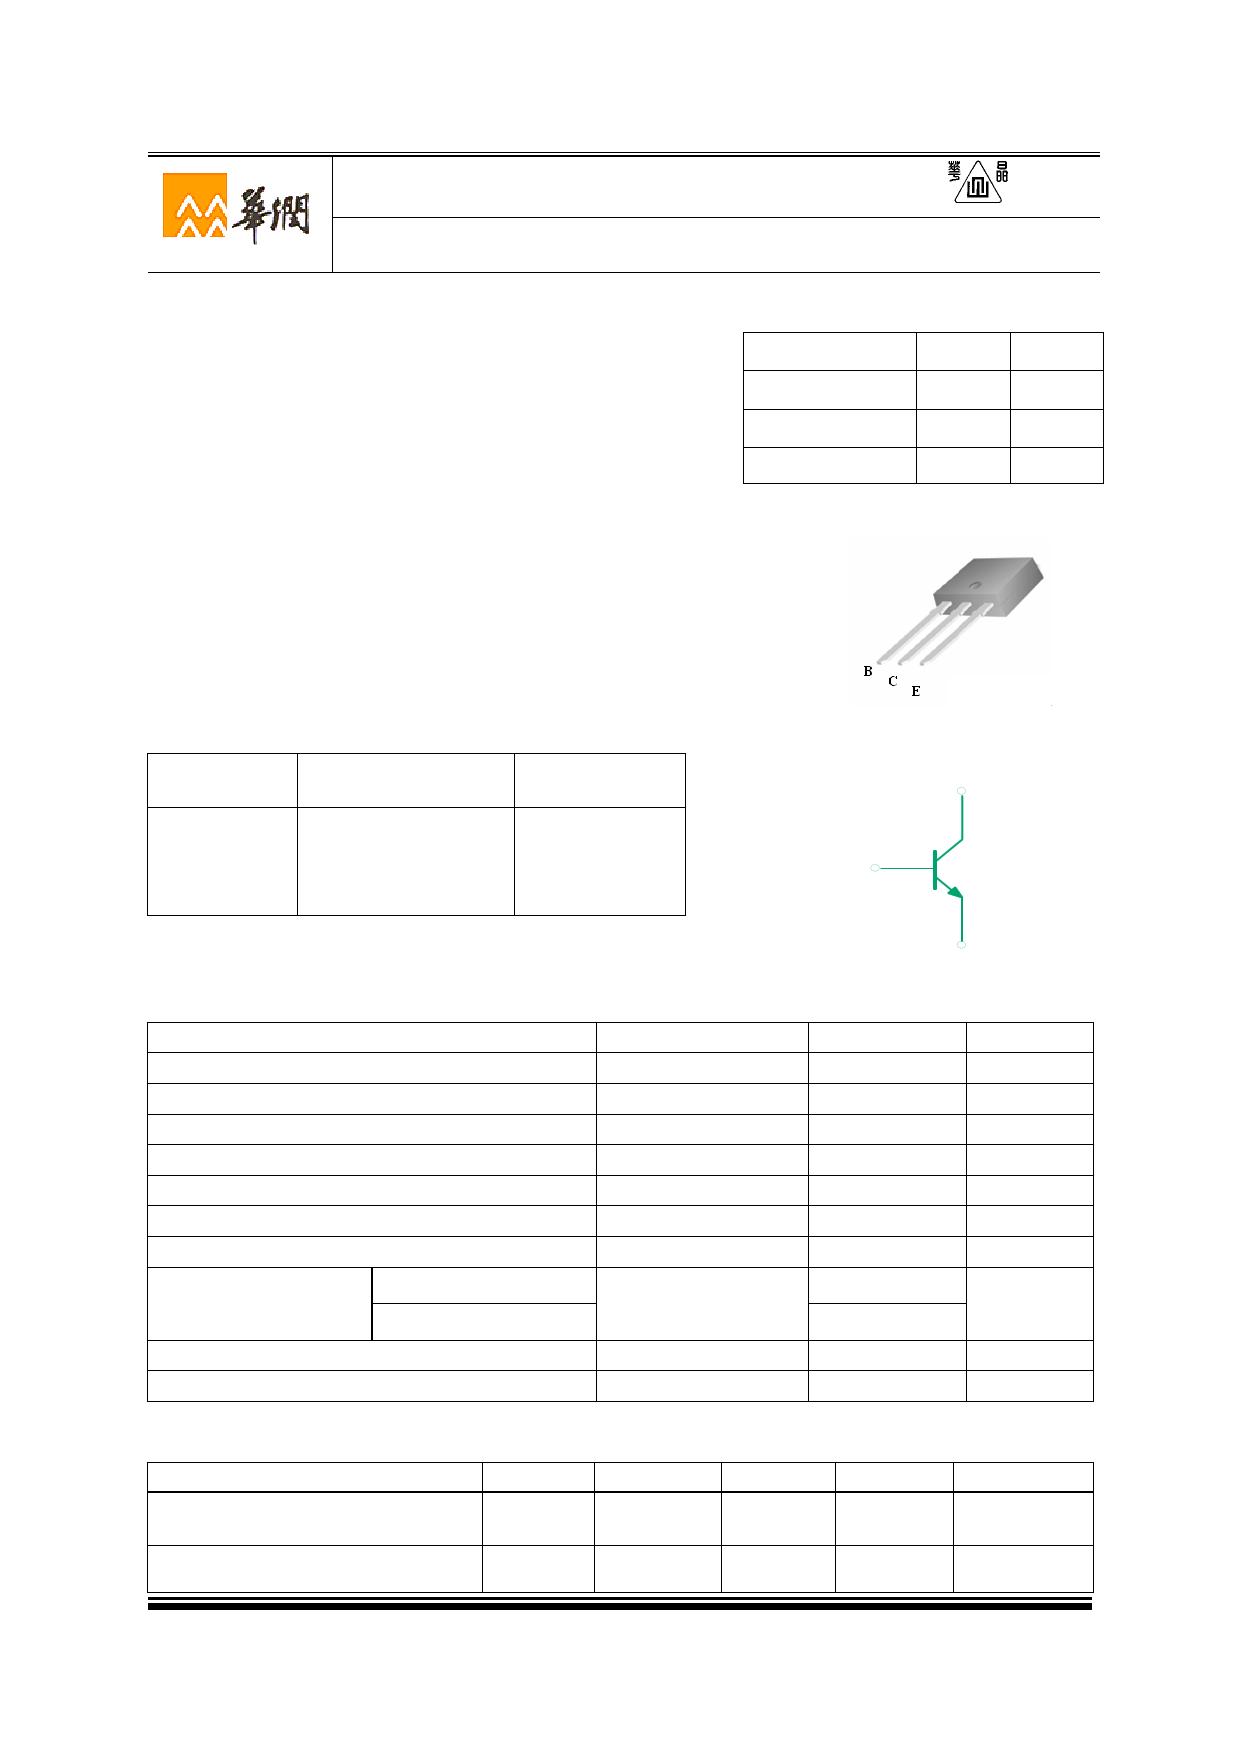 3DD3015A3 Datasheet, 3DD3015A3 PDF,ピン配置, 機能